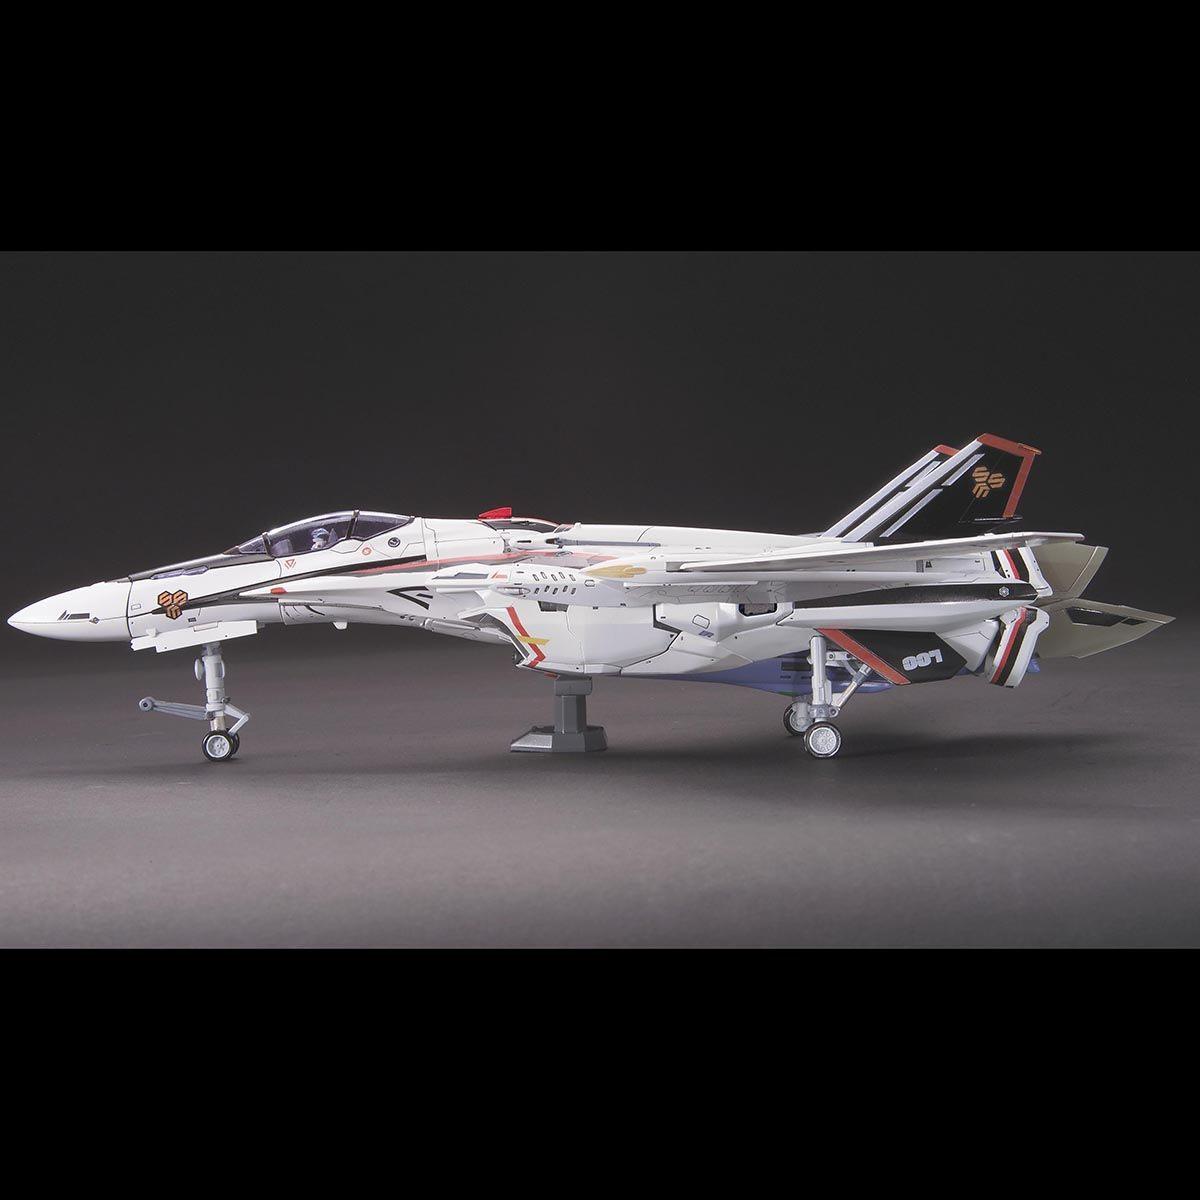 【再販】マクロスF『VF-25F メサイアバルキリー アルト機』1/72 プラモデル-007